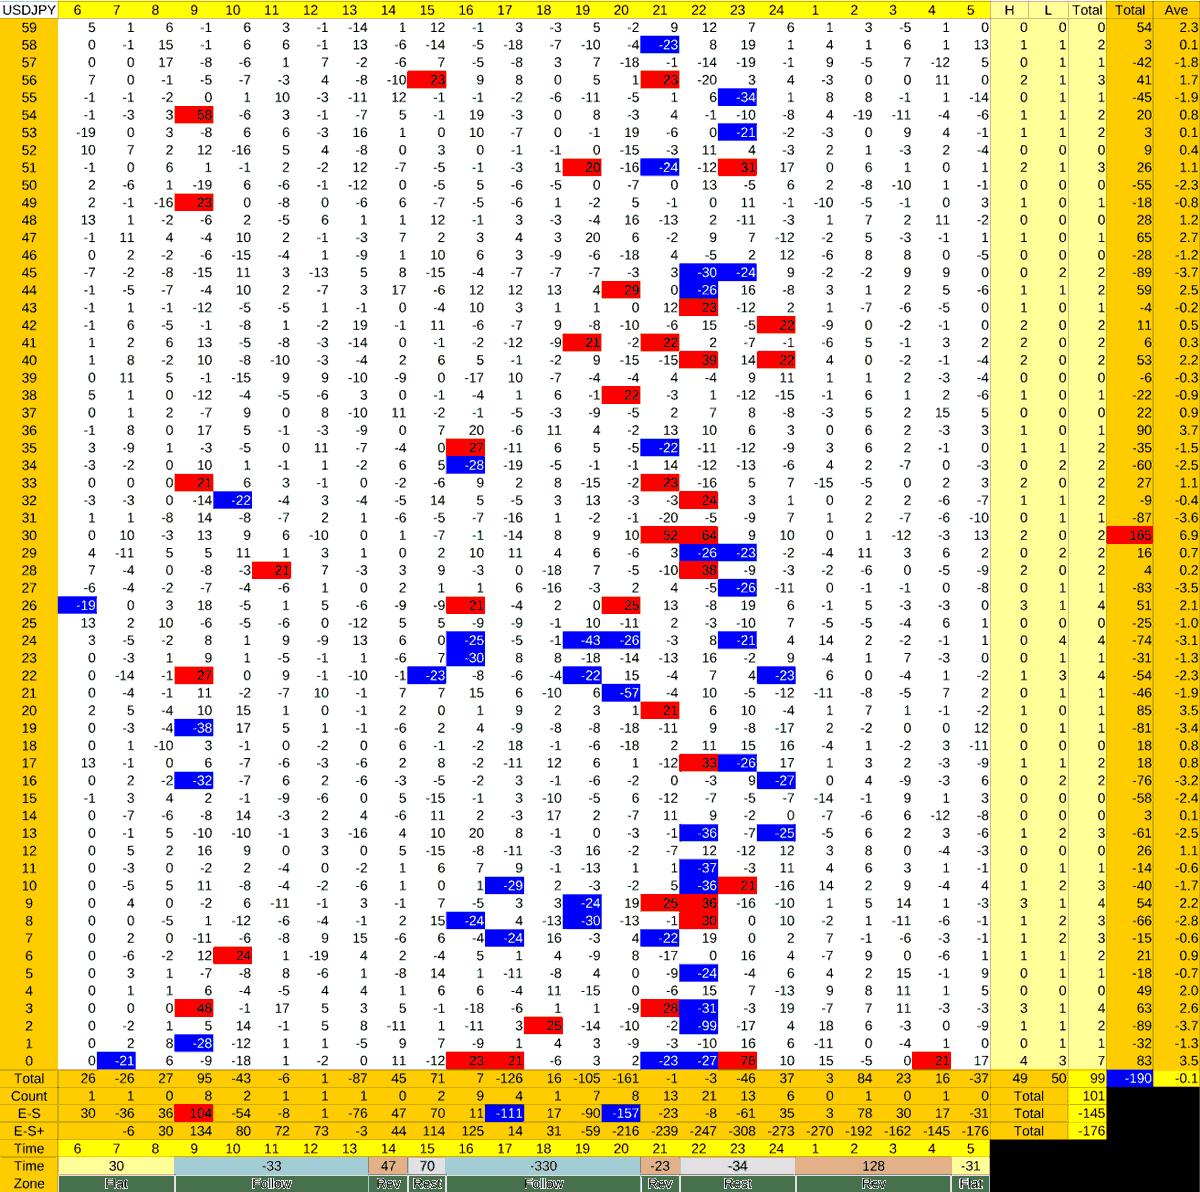 20210511_HS(1)USDJPY